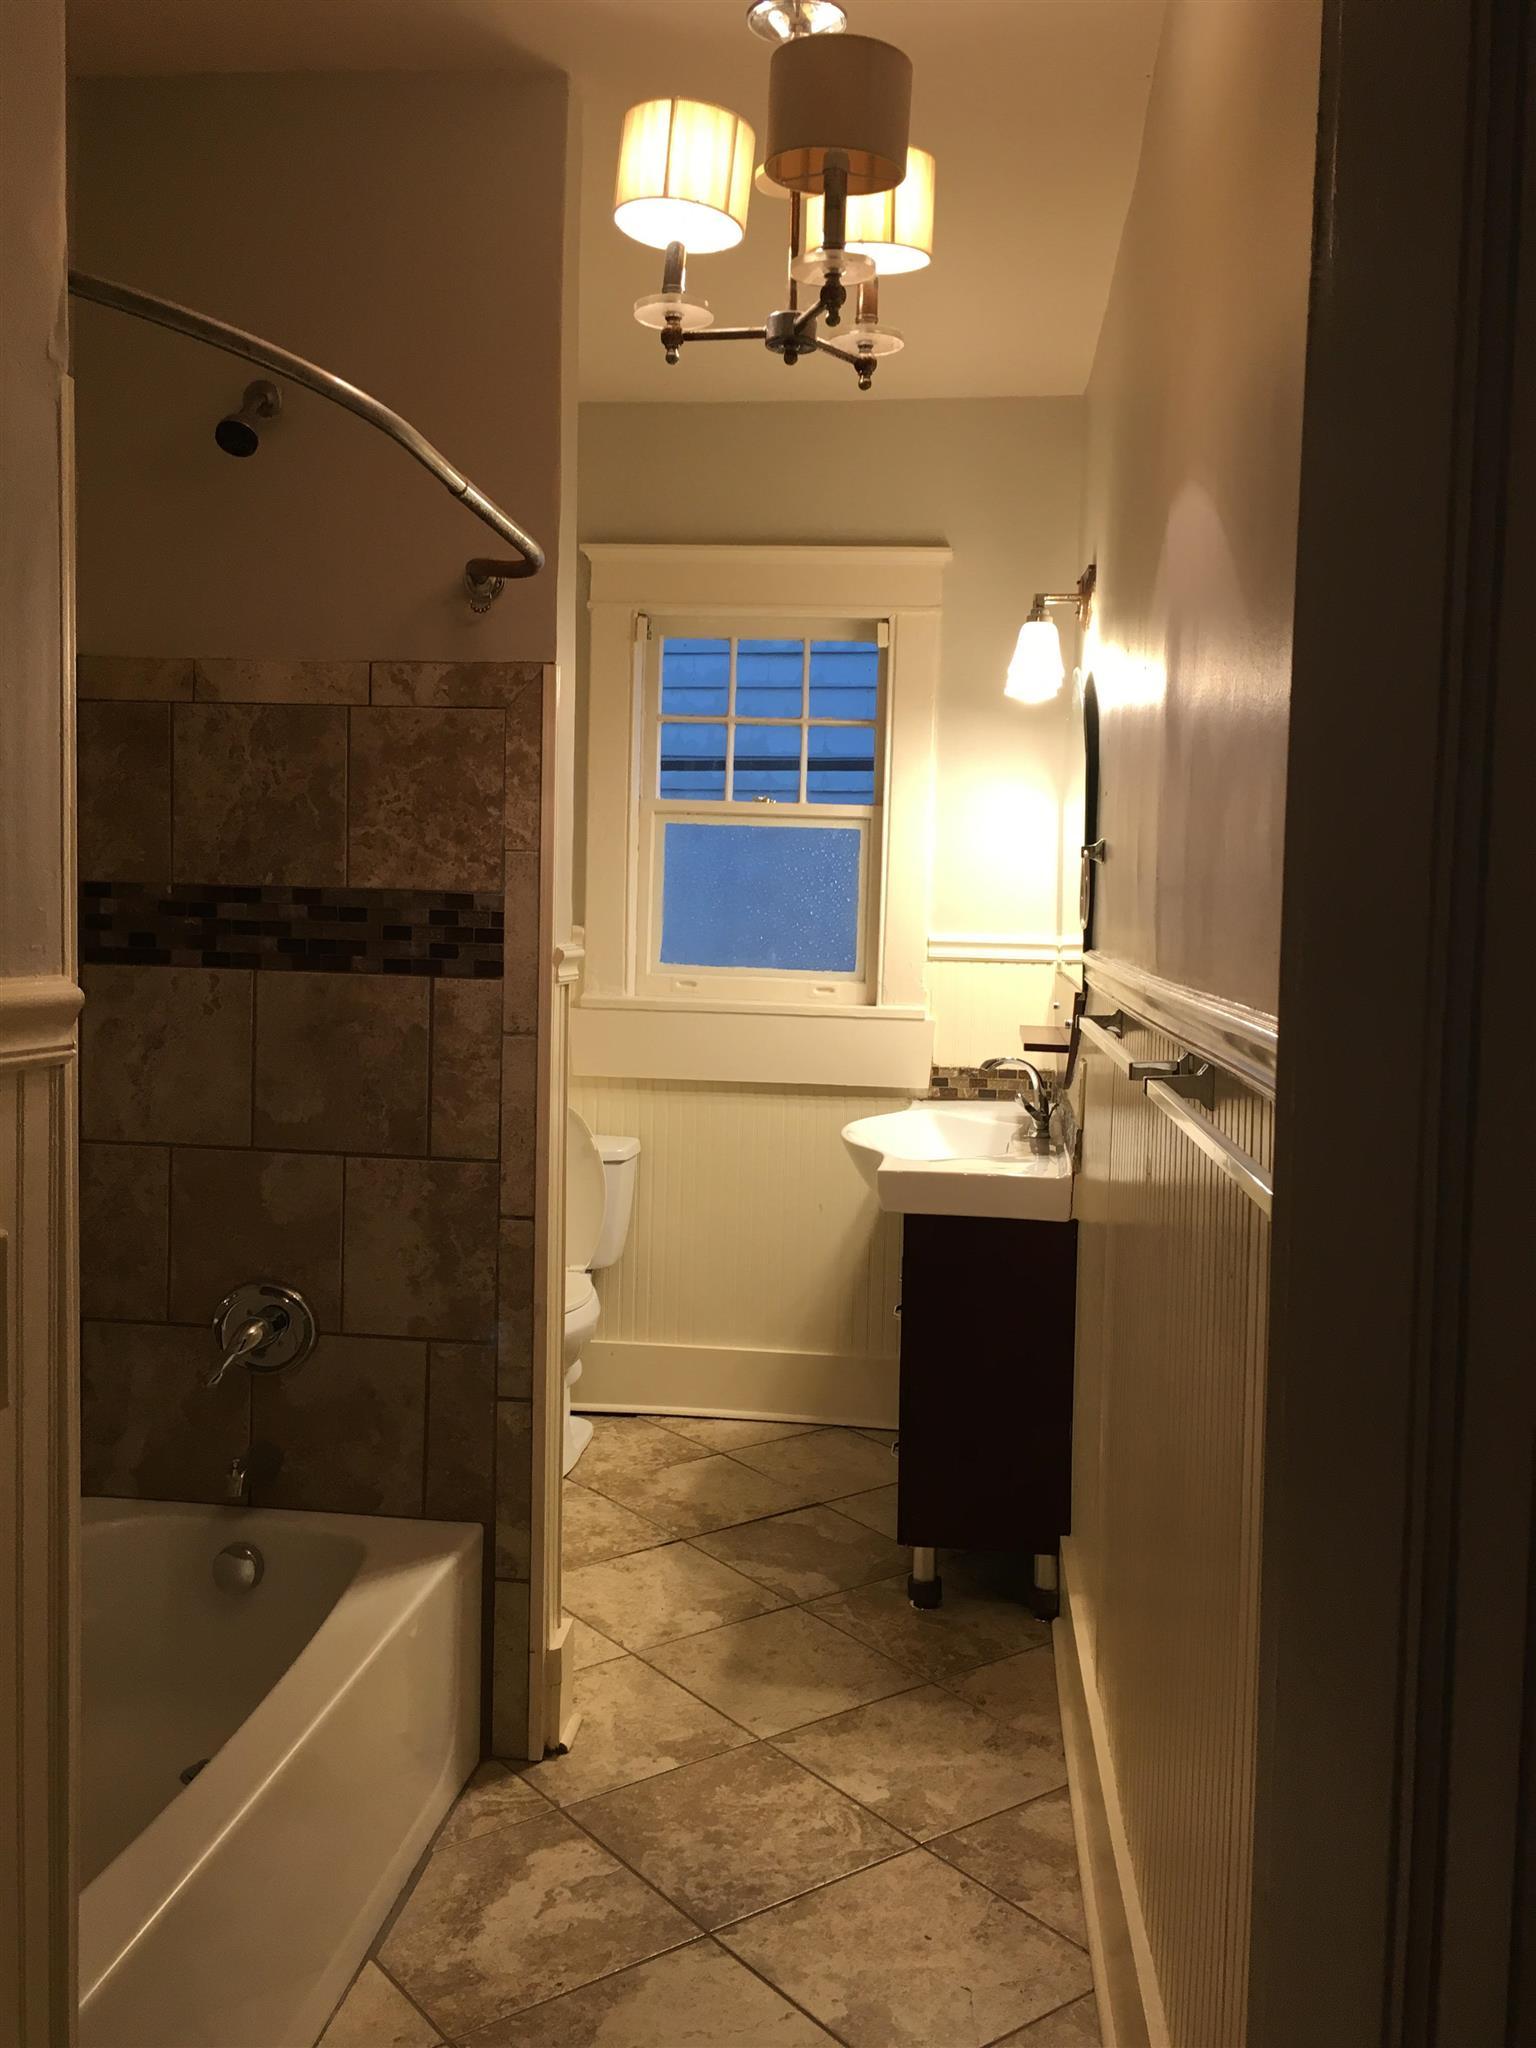 Bathroom Light Fixtures Nashville Tn 1910 18th ave s, nashville, tn 37212 mls# 1824449 - movoto